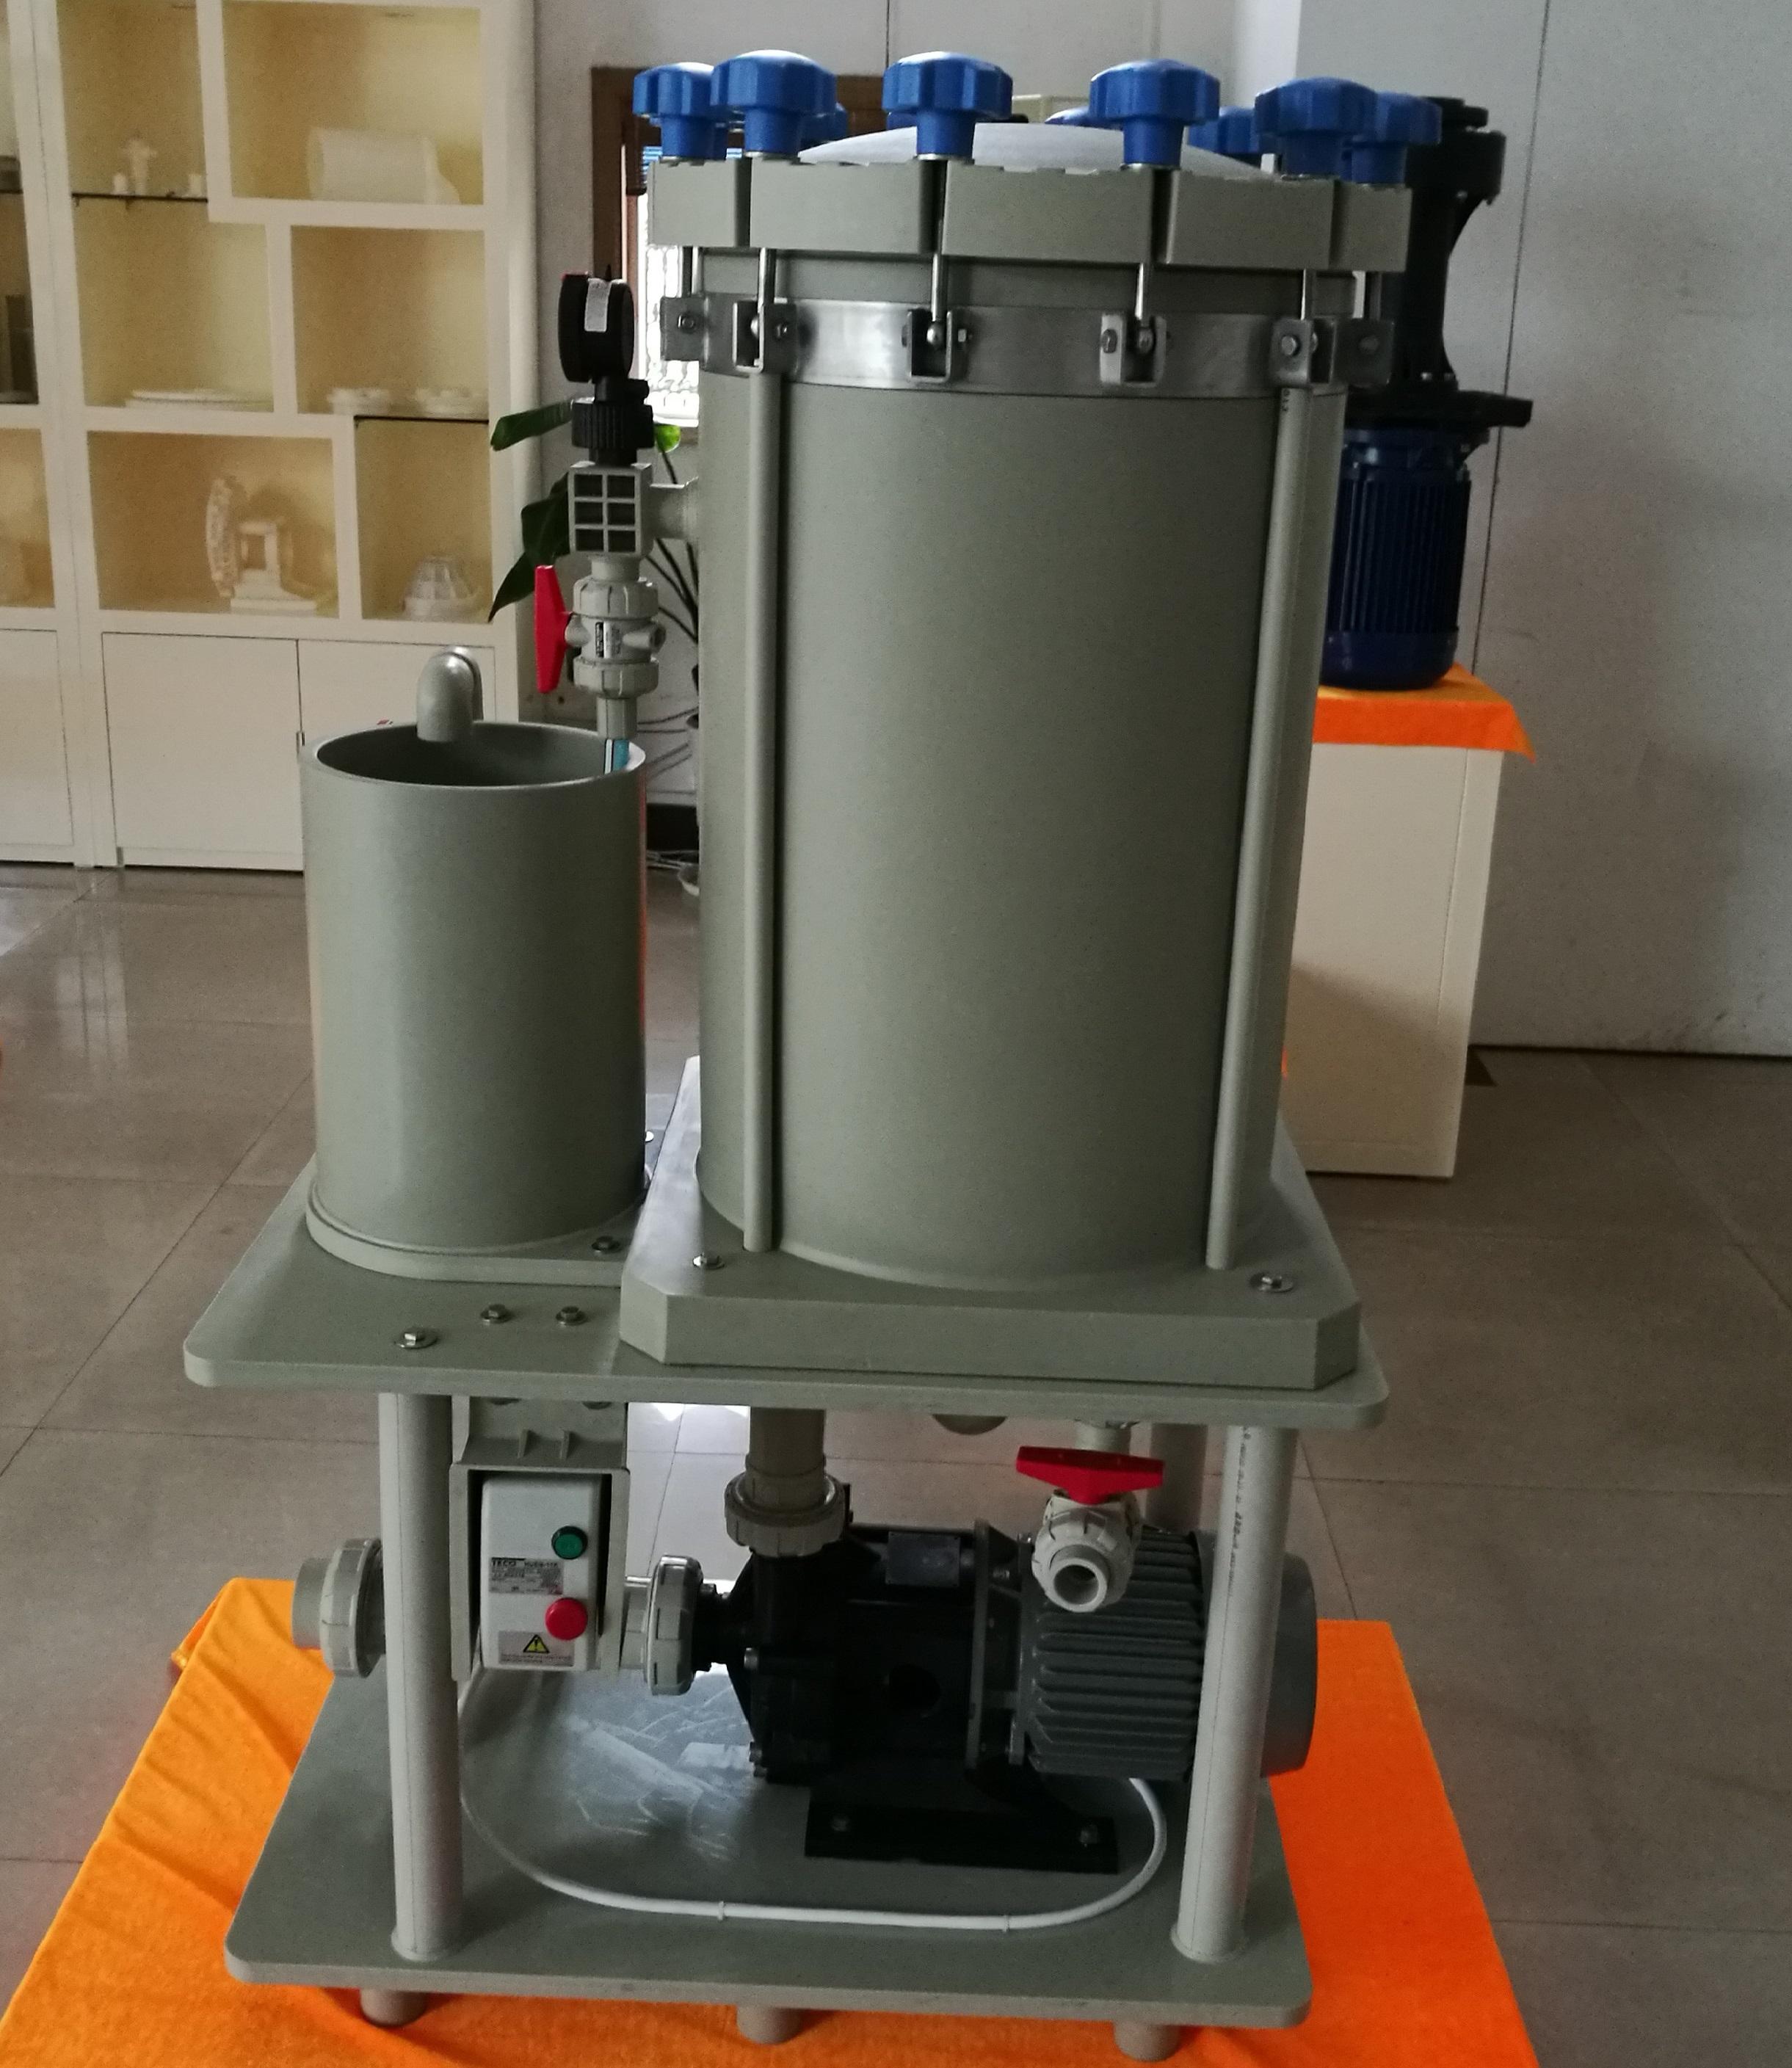 2015 Polypropylene Pvc Pvdf Electroplating Filter - Buy Electroplating  Filter,Electroplating Filter,Electroplating Filter Product on Alibaba com